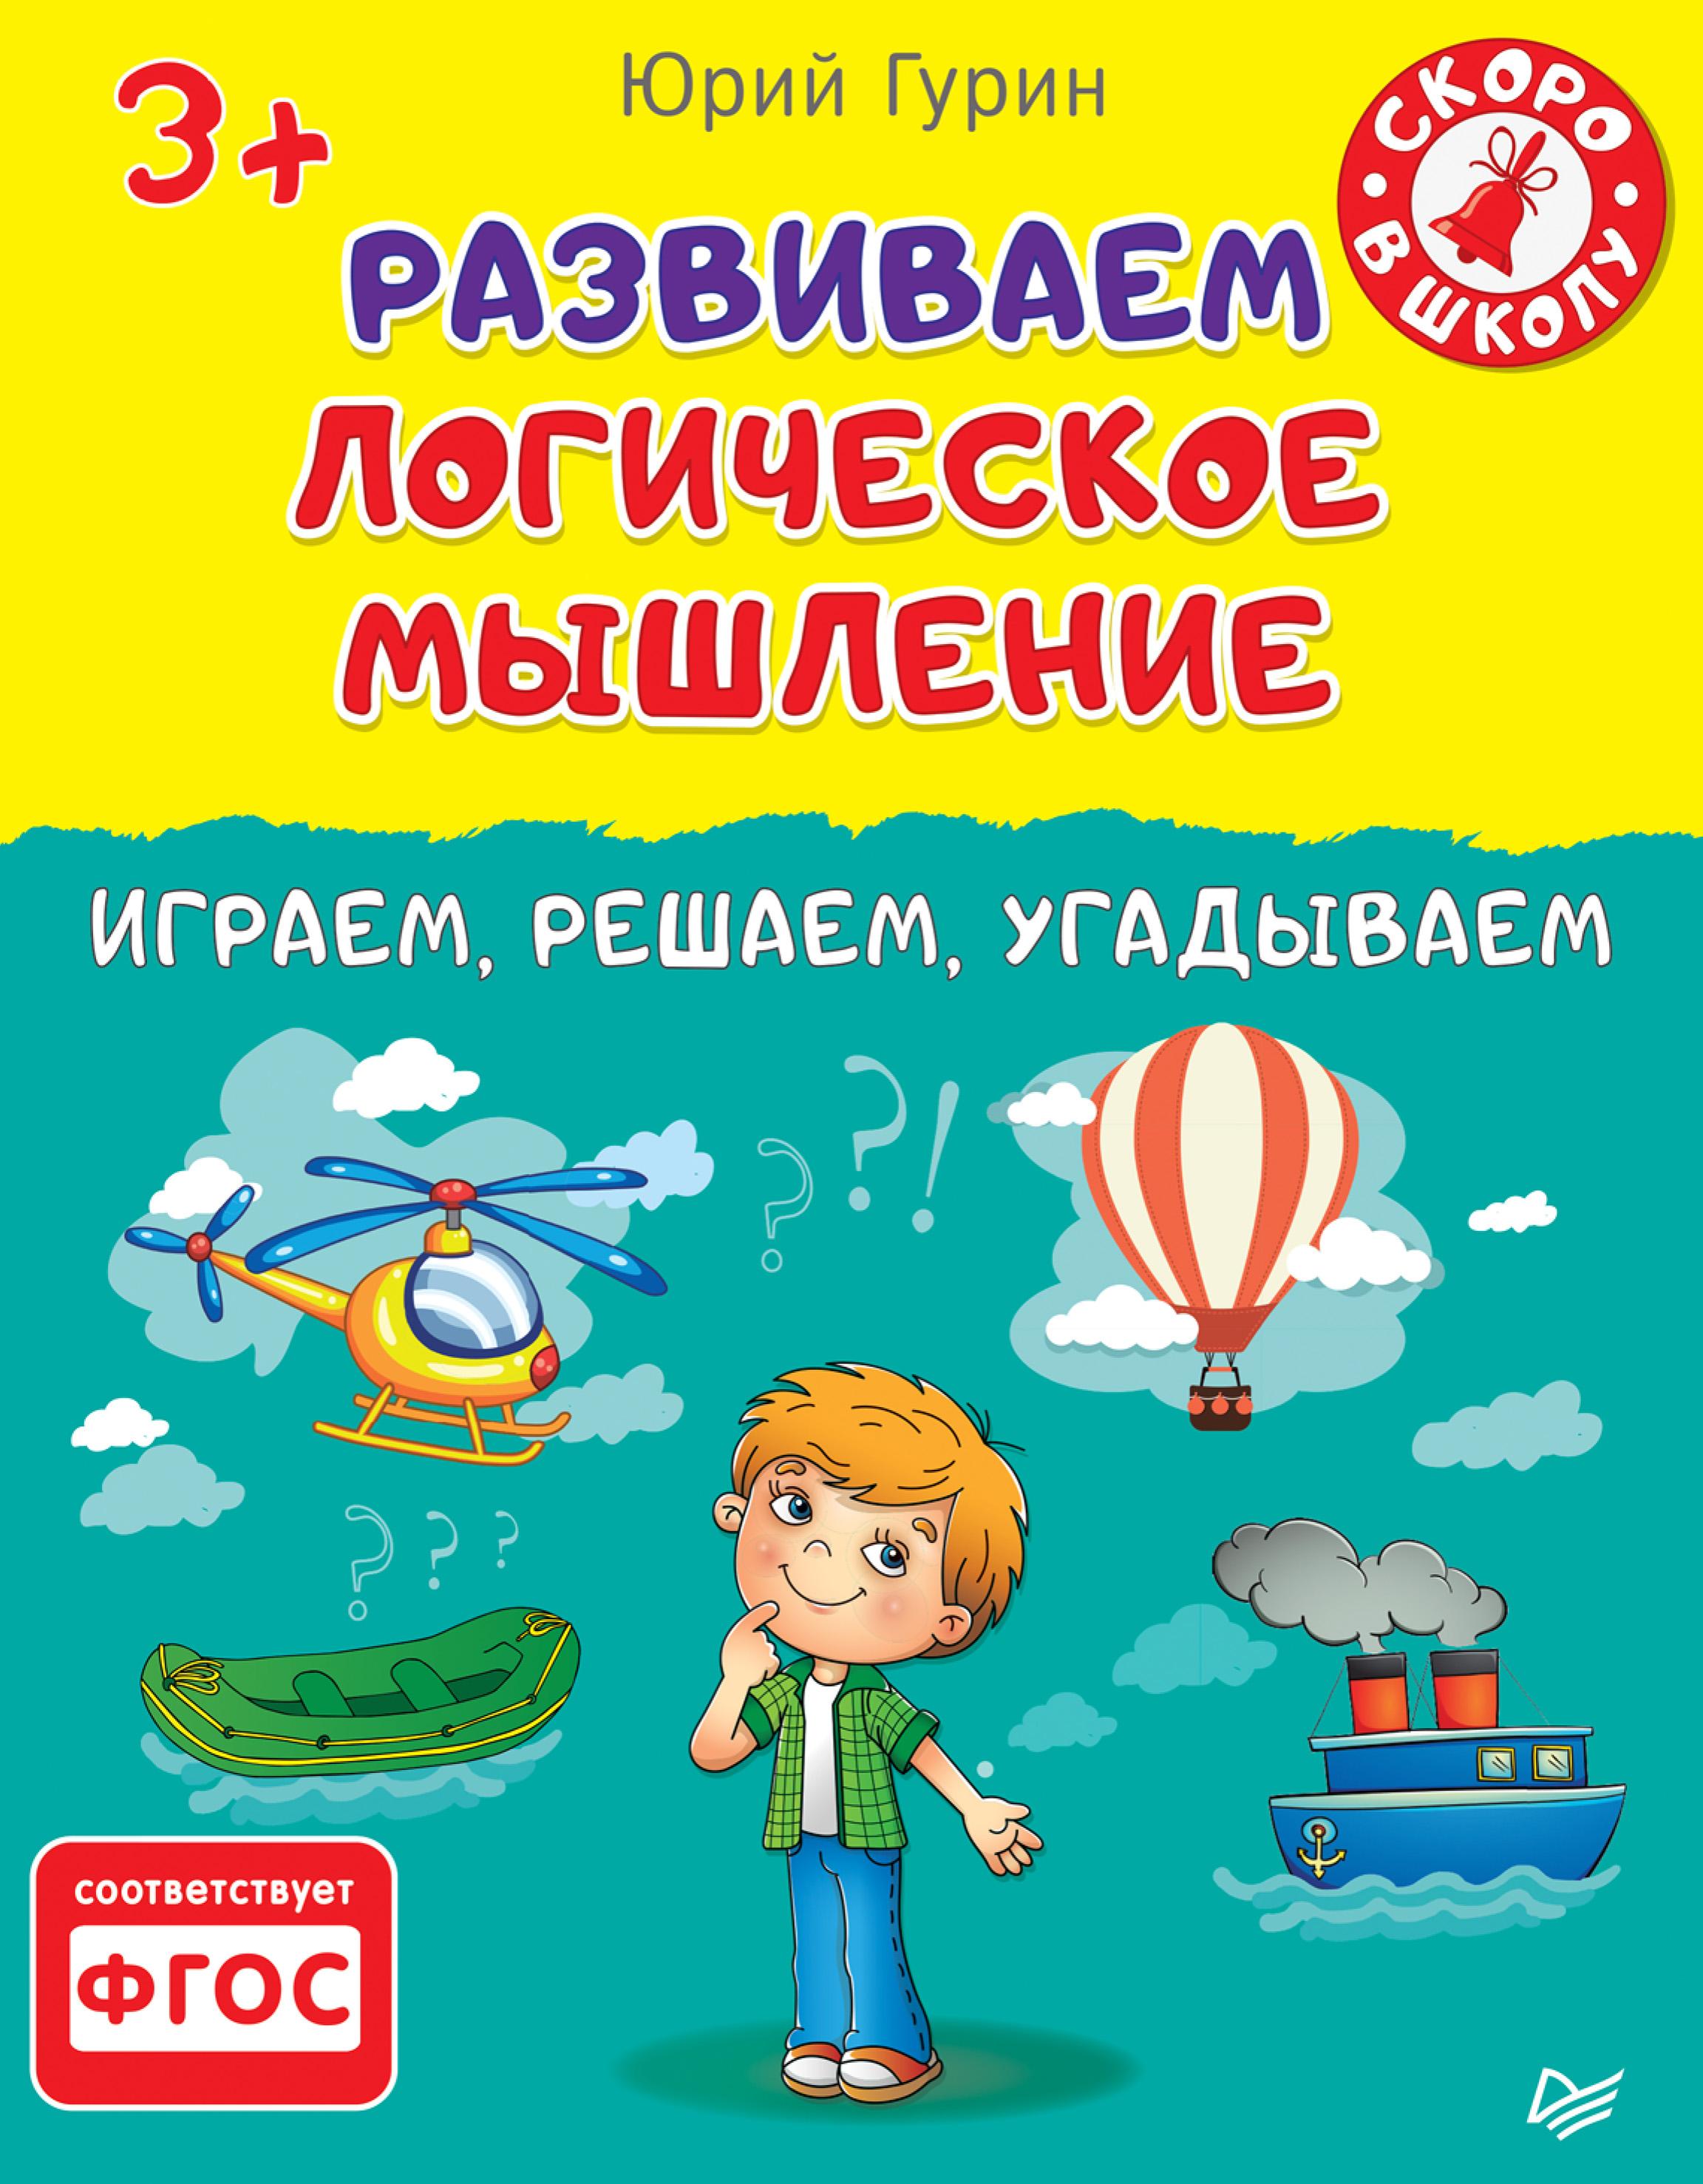 Сыну днем, картинки для детей с надписью логическое мышление